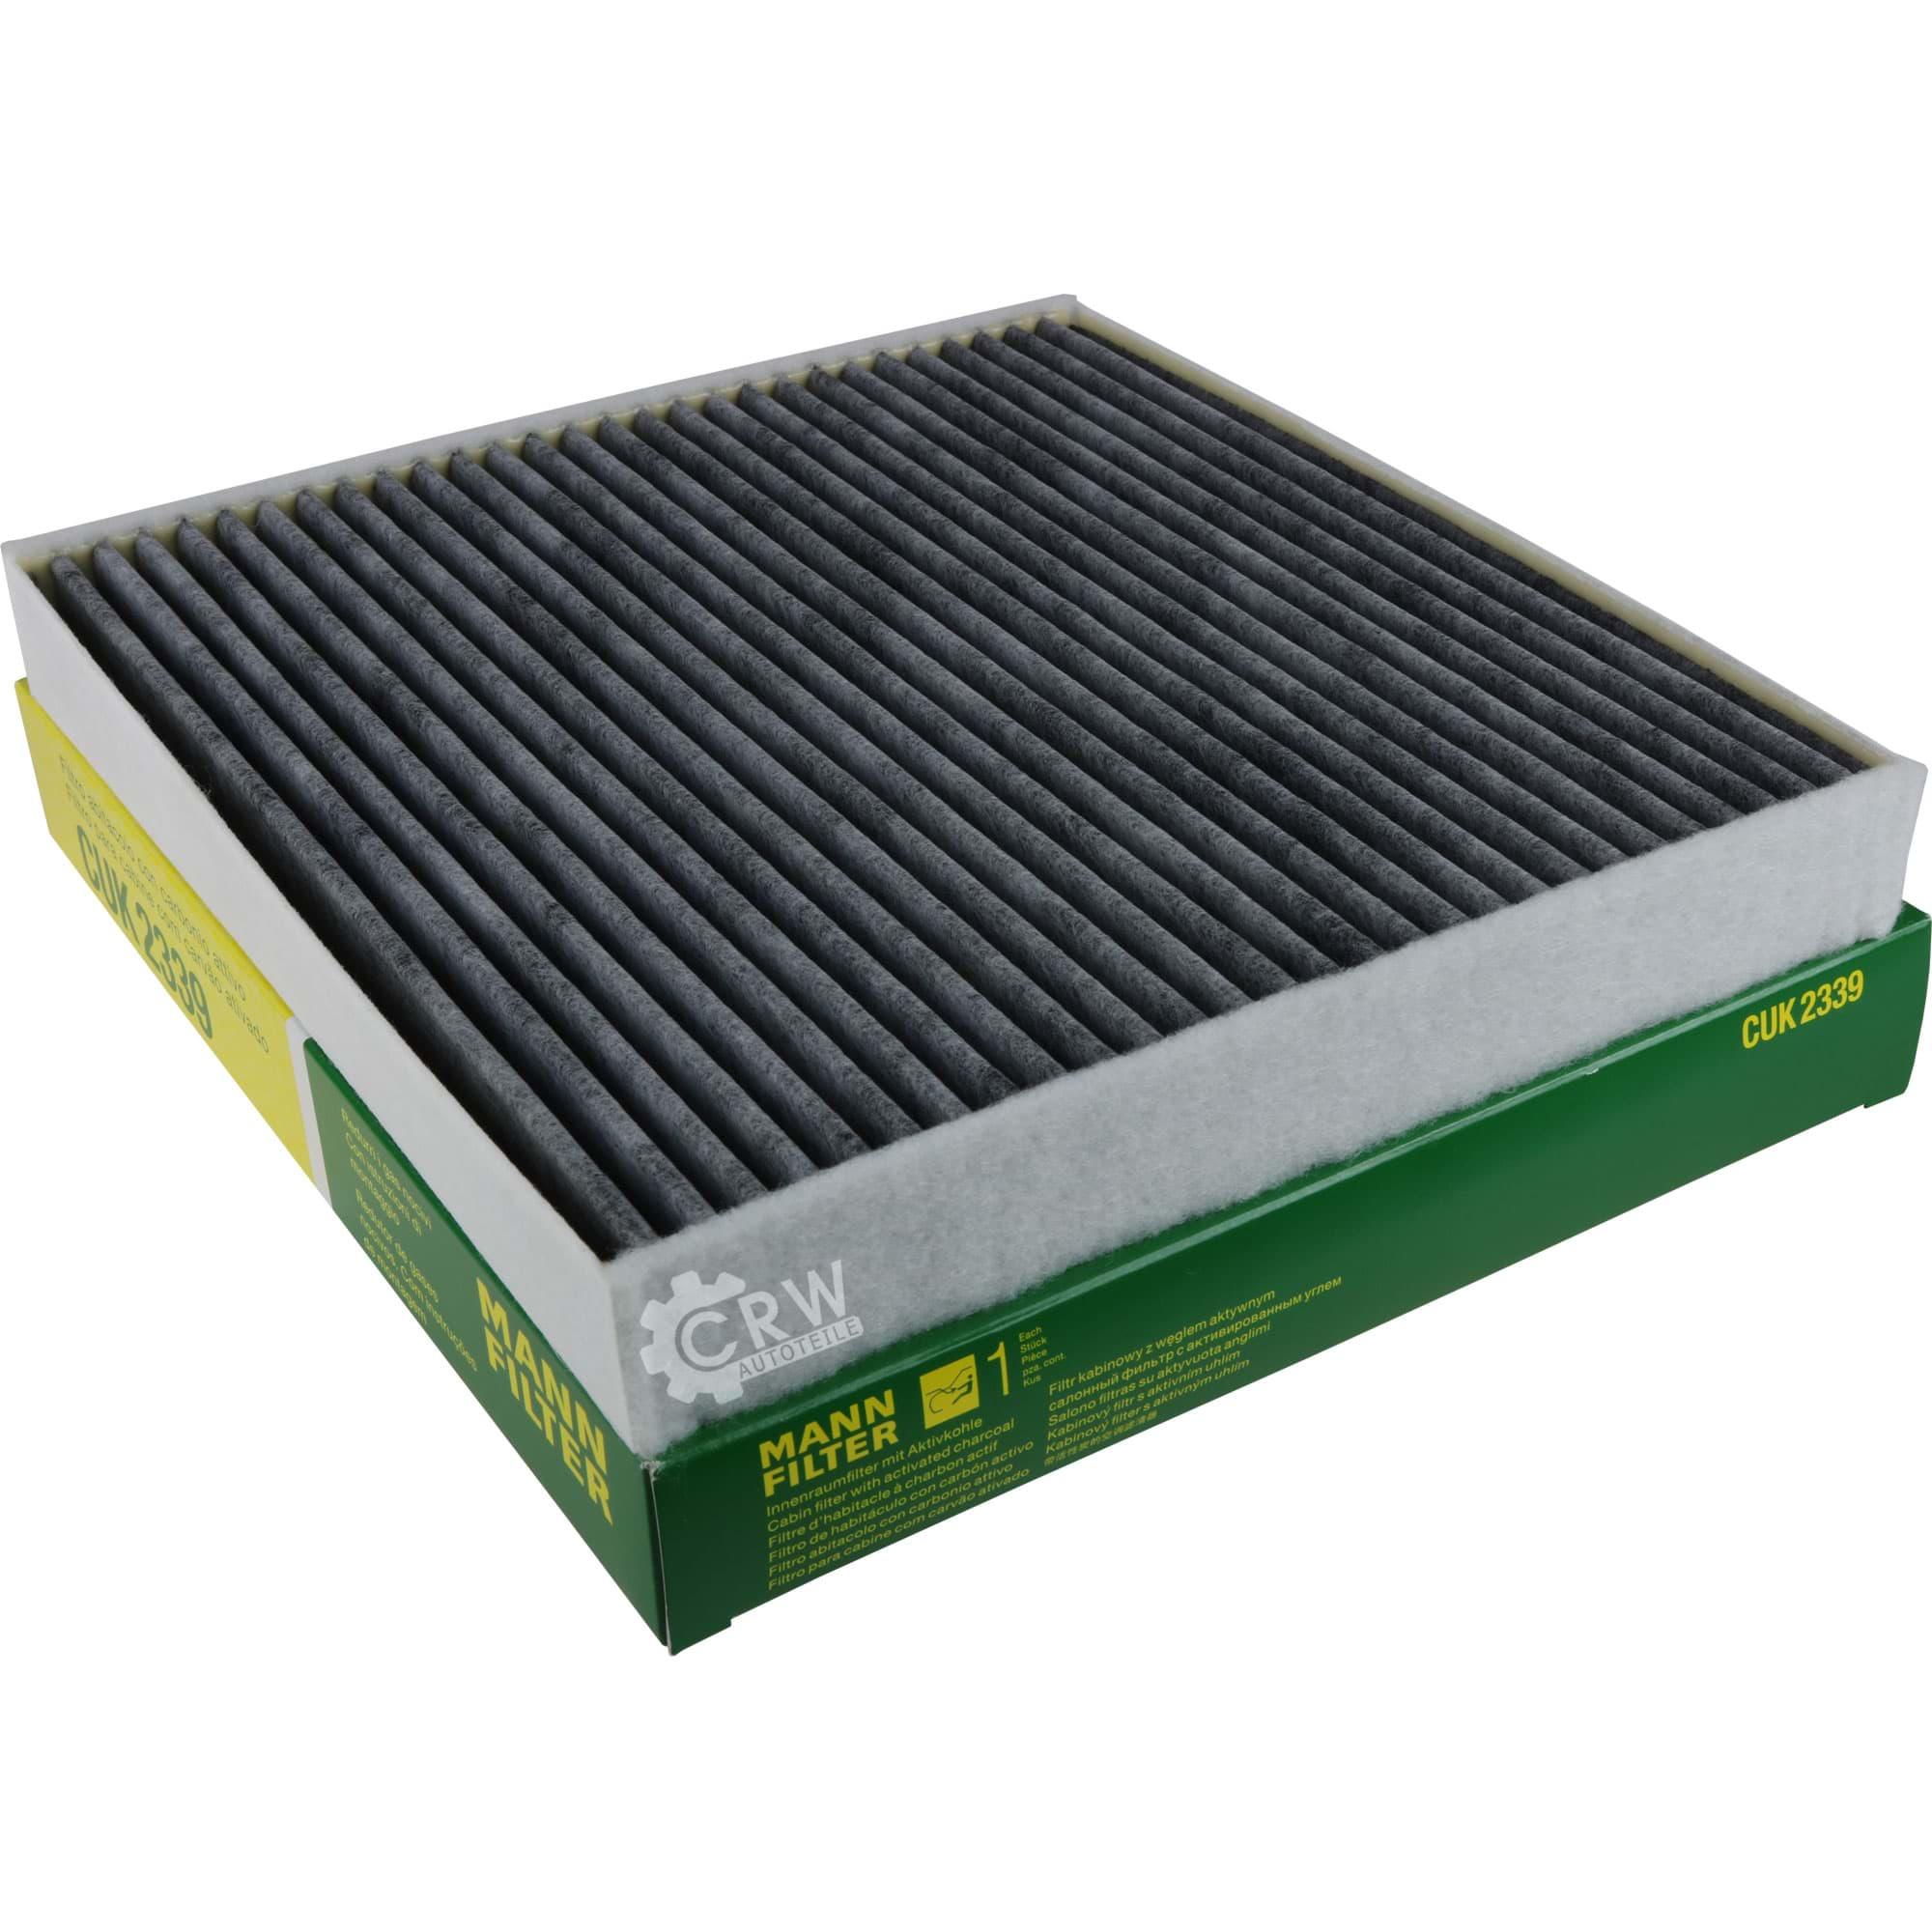 MANN-FILTER Innenraumfilter Pollenfilter Filter Innenraumluft CU 2339